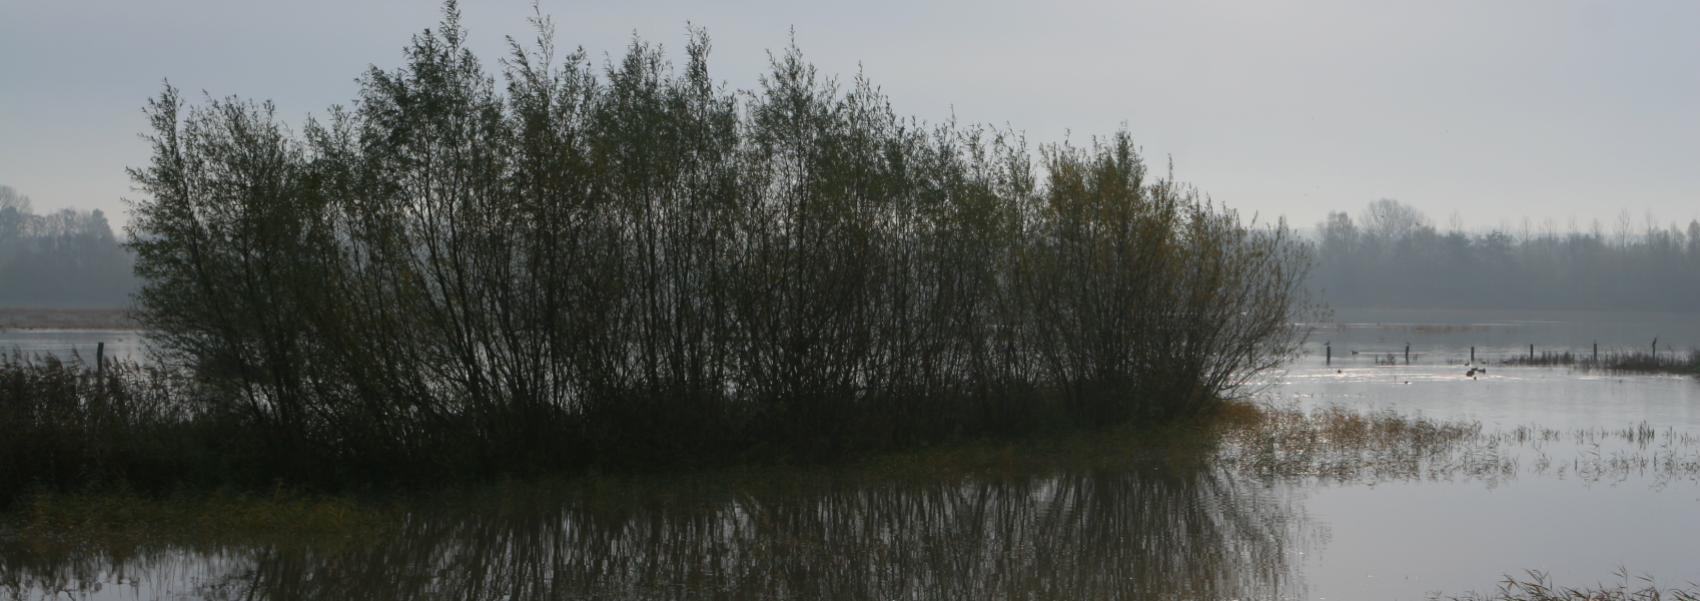 zicht op het water